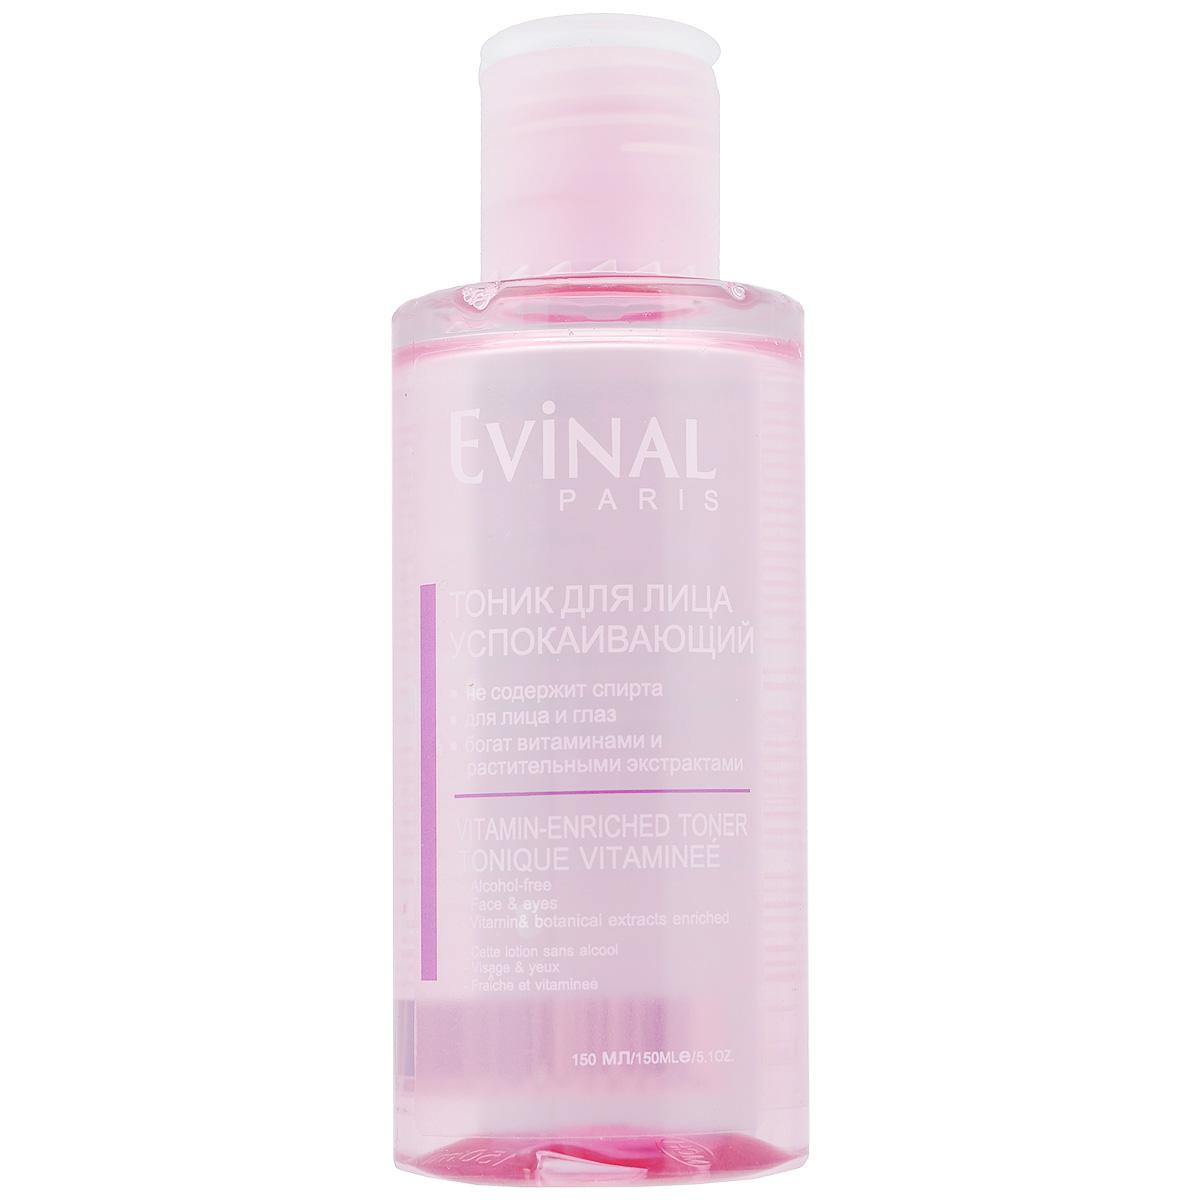 Evinal Тоник для лица, успокаивающий, 150 мл0868Нежный тоник Evinal завершает процесс очищения кожи, идеально подготавливая ее к дальнейшему уходу (использованию дневного или ночного крема). Тоник содержит специальный комплексный экстракт из авокадо, календулы и ромашки, который оказывает благотворное влияние на кожу. Сапонины мыльного дерева, современная альтернатива ПАВам и мылу, эффективно очищают кожу, не раздражая ее. Тоник используется после применения лосьона или молочка для снятия макияжа. Характеристики: Объем: 150 мл. Артикул: 0868. Производитель: Россия. Товар сертифицирован.